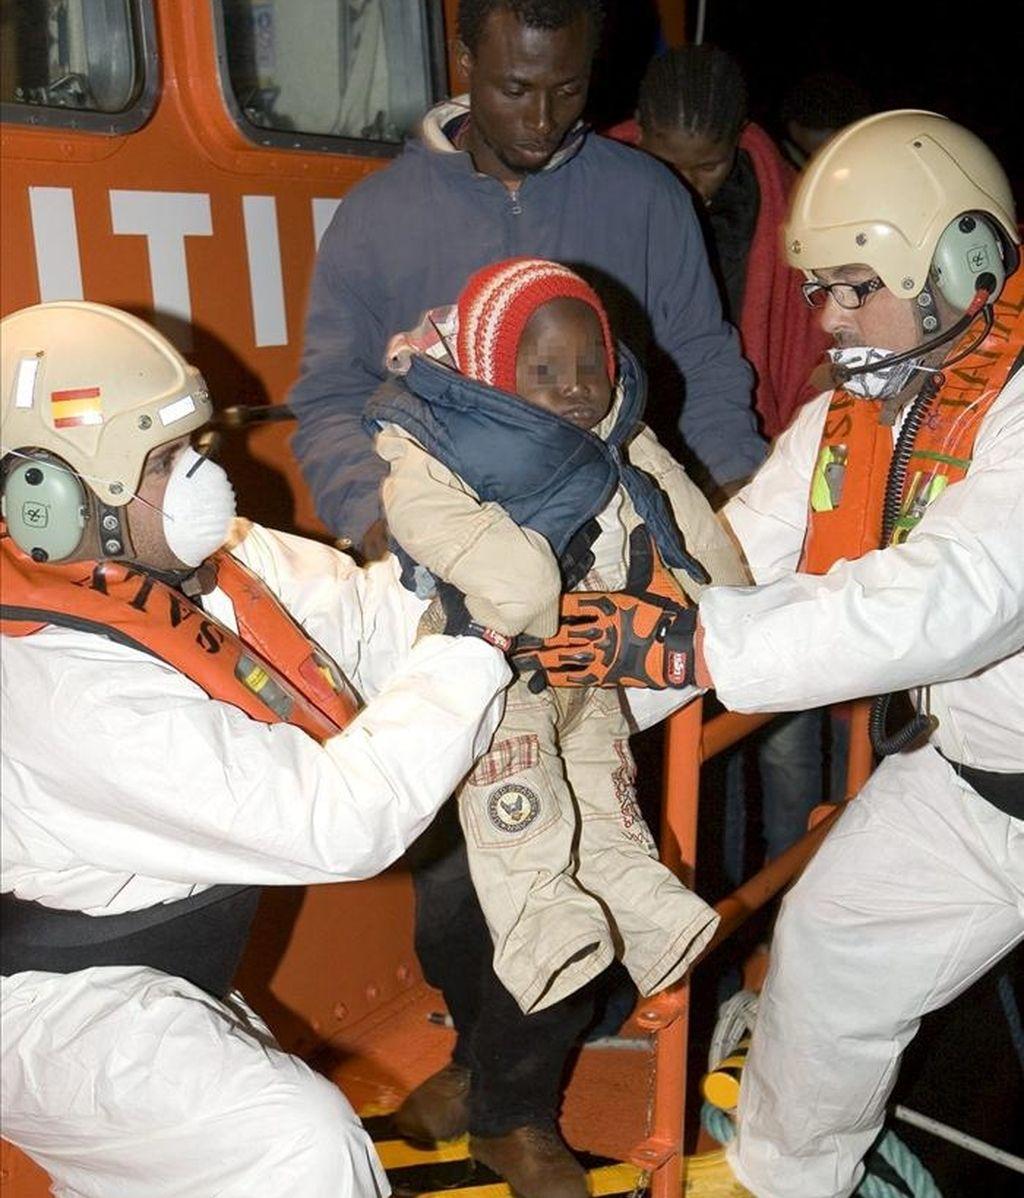 Llegada al puerto de Motril de los subsaharianos rescatados hoy por Salvamento Marítimo frente a las costas de Granada, en una patera que había partido de Marruecos. EFE